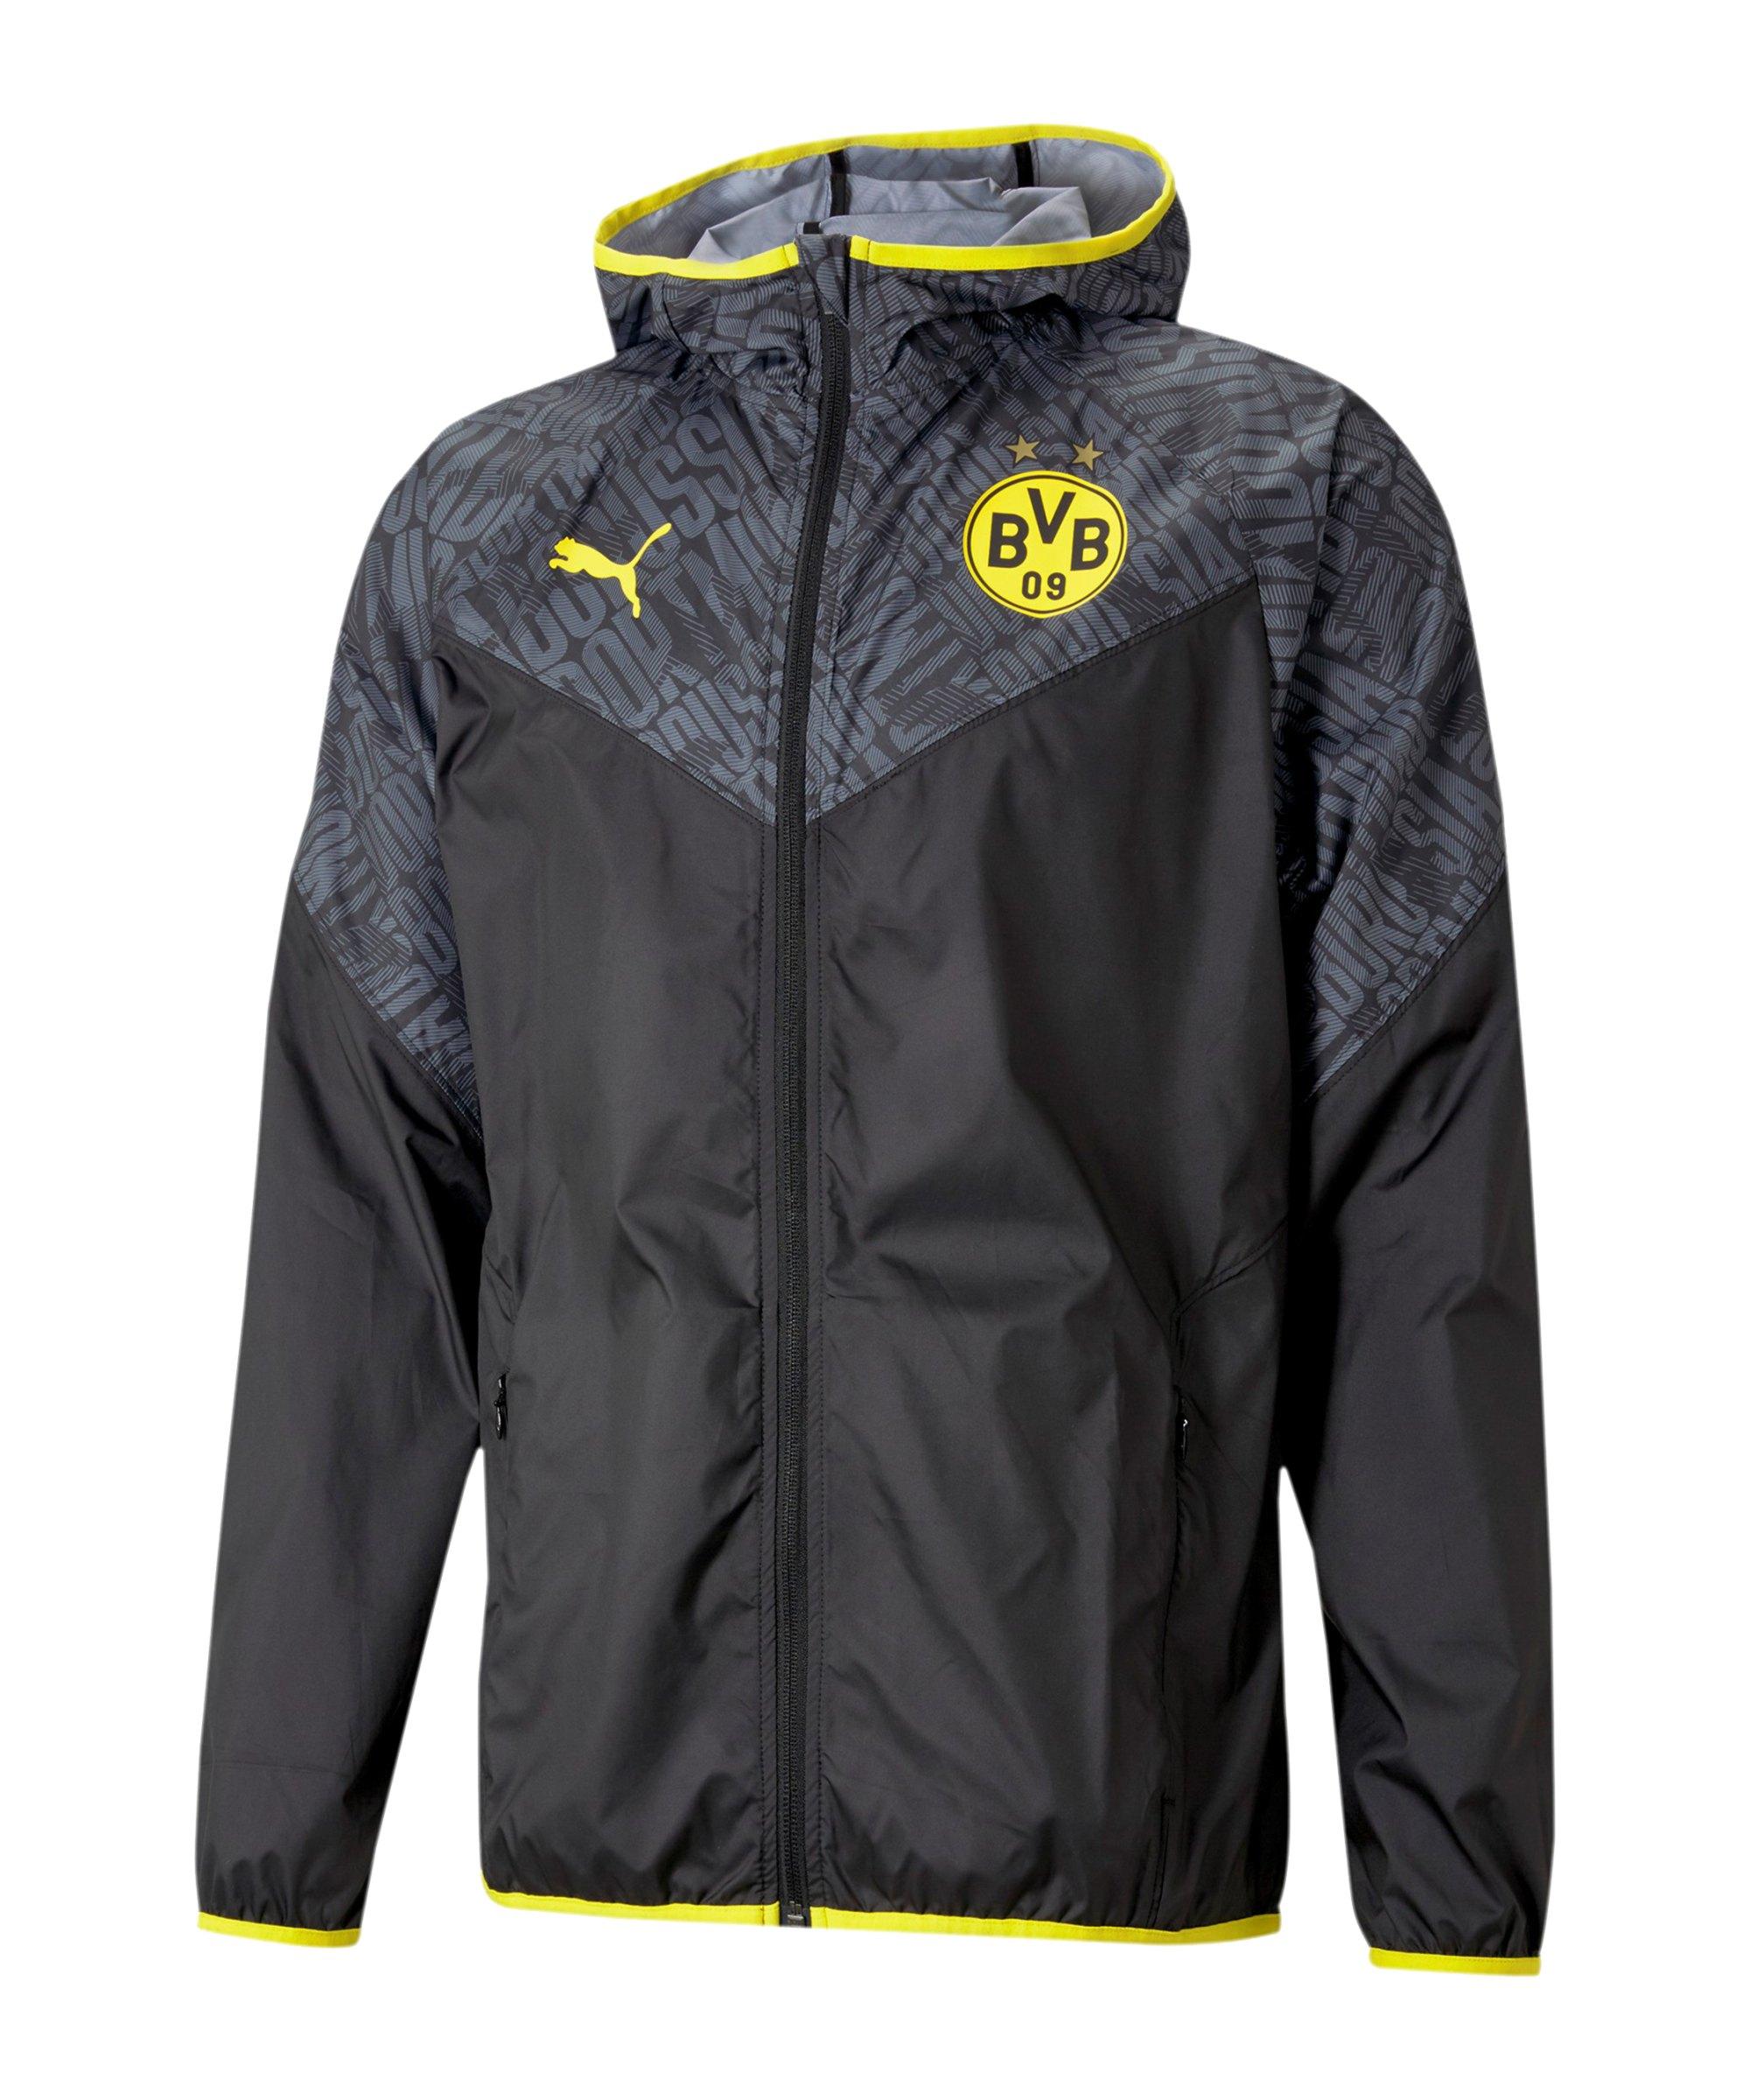 PUMA BVB Dortmund Warmup Jacke Schwarz F02 - schwarz